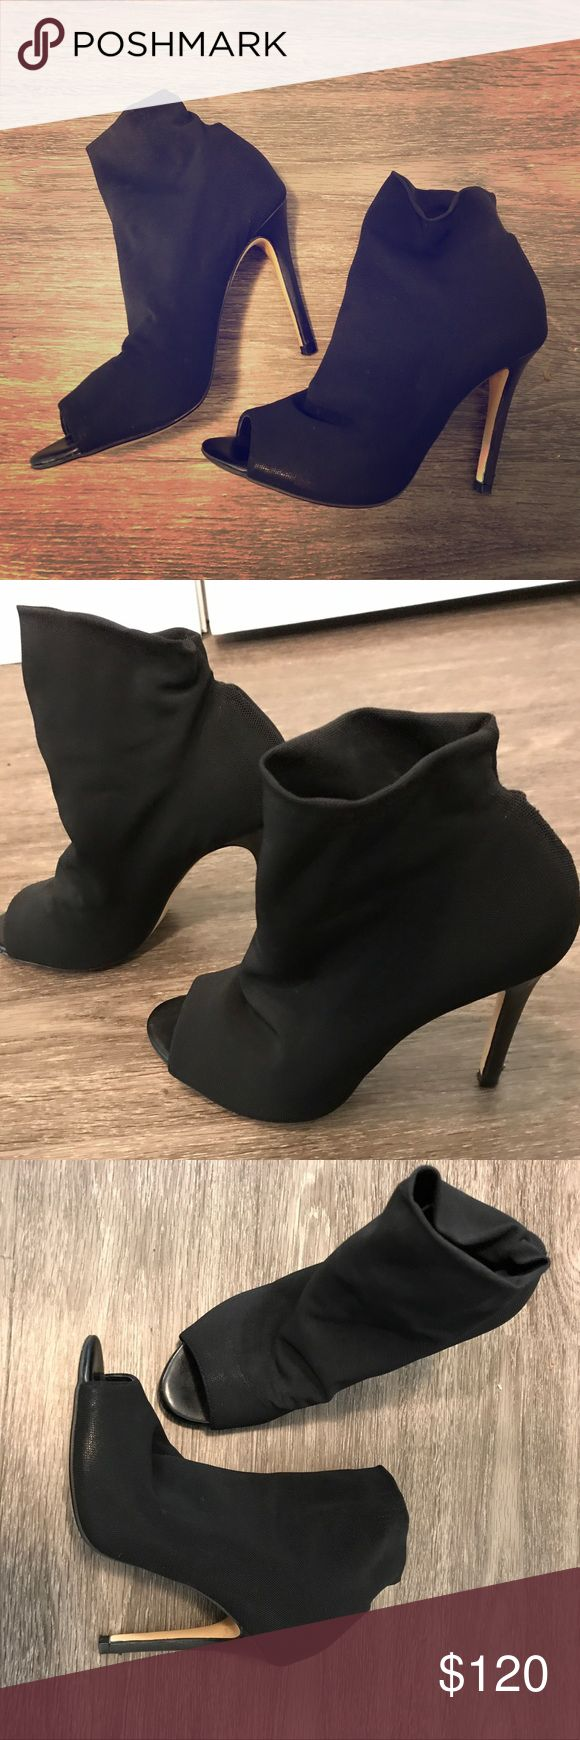 Karen Miller size 7 high heel booties like new Like new, worn once. High heeled booties with peep toe. Karen Millen Shoes Ankle Boots & Booties